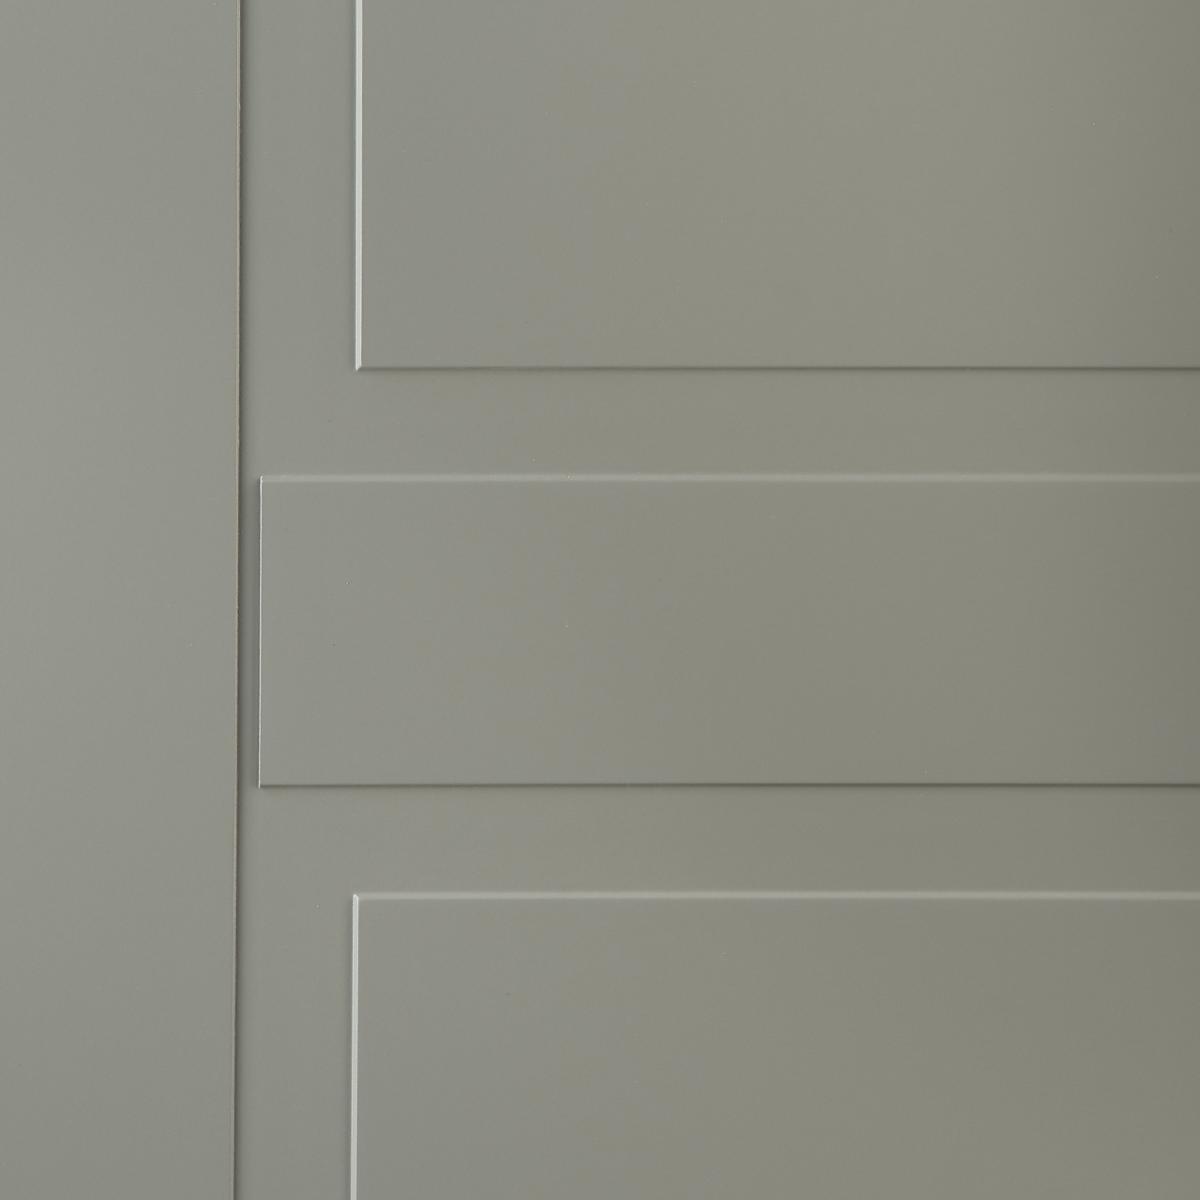 Дверь Межкомнатная Глухая С Замком В Комплекте Этна 80x200 Эмаль Цвет Грей